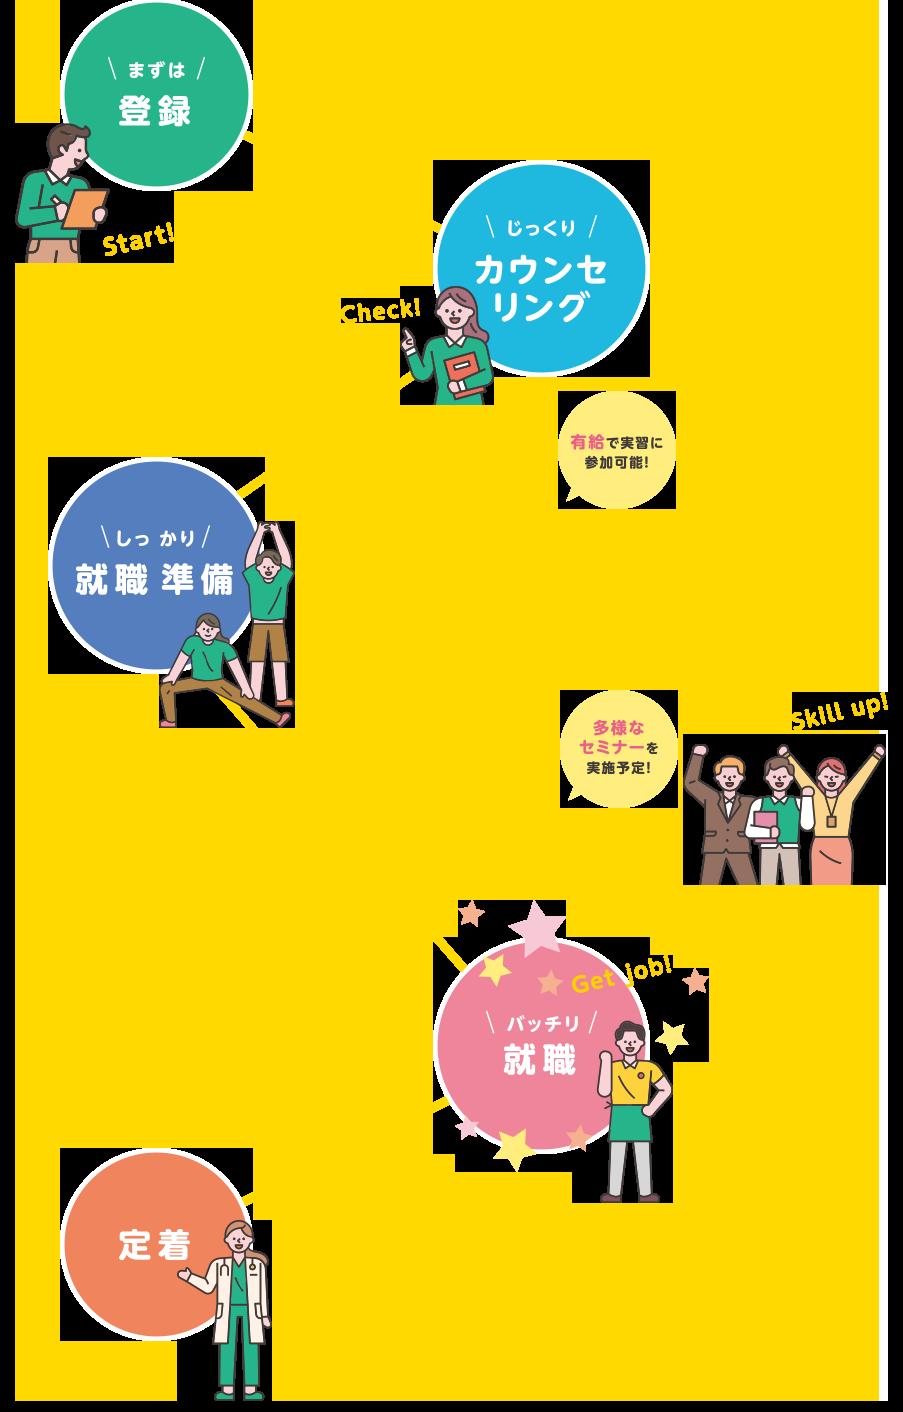 ご利用の流れ図